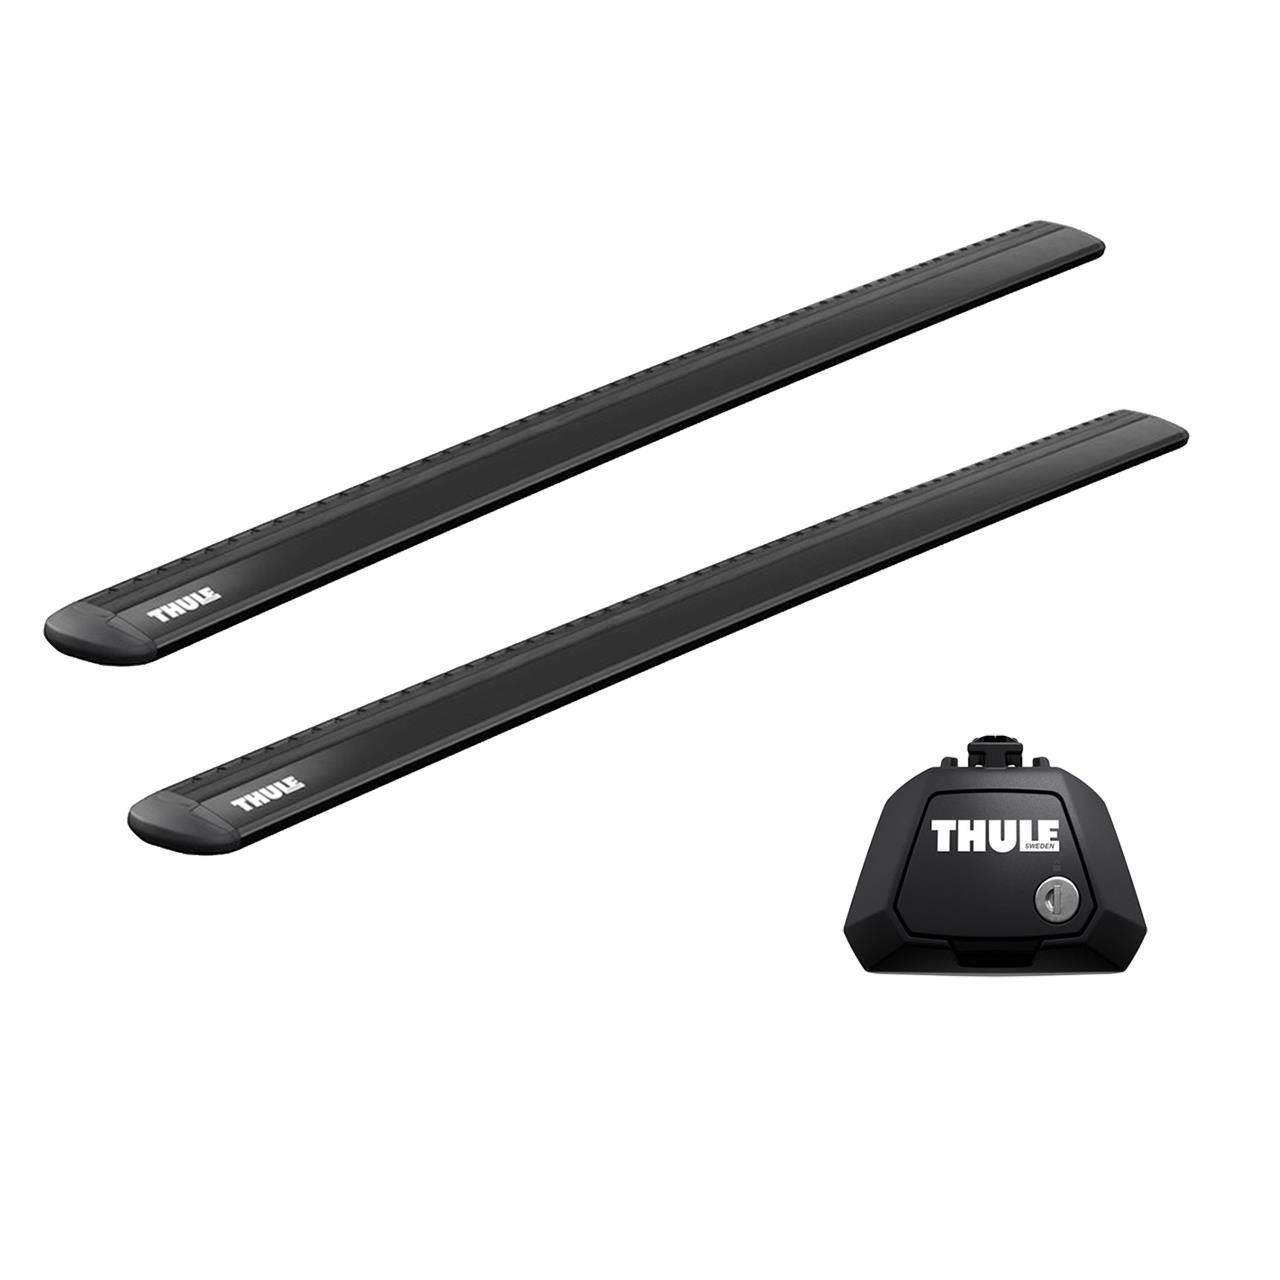 Напречни греди Thule Evo Raised Rail WingBar Evo 127cm в Черно за PORSCHE Cayenne 5 врати SUV 02-09 с фабрични надлъжни греди с просвет 1